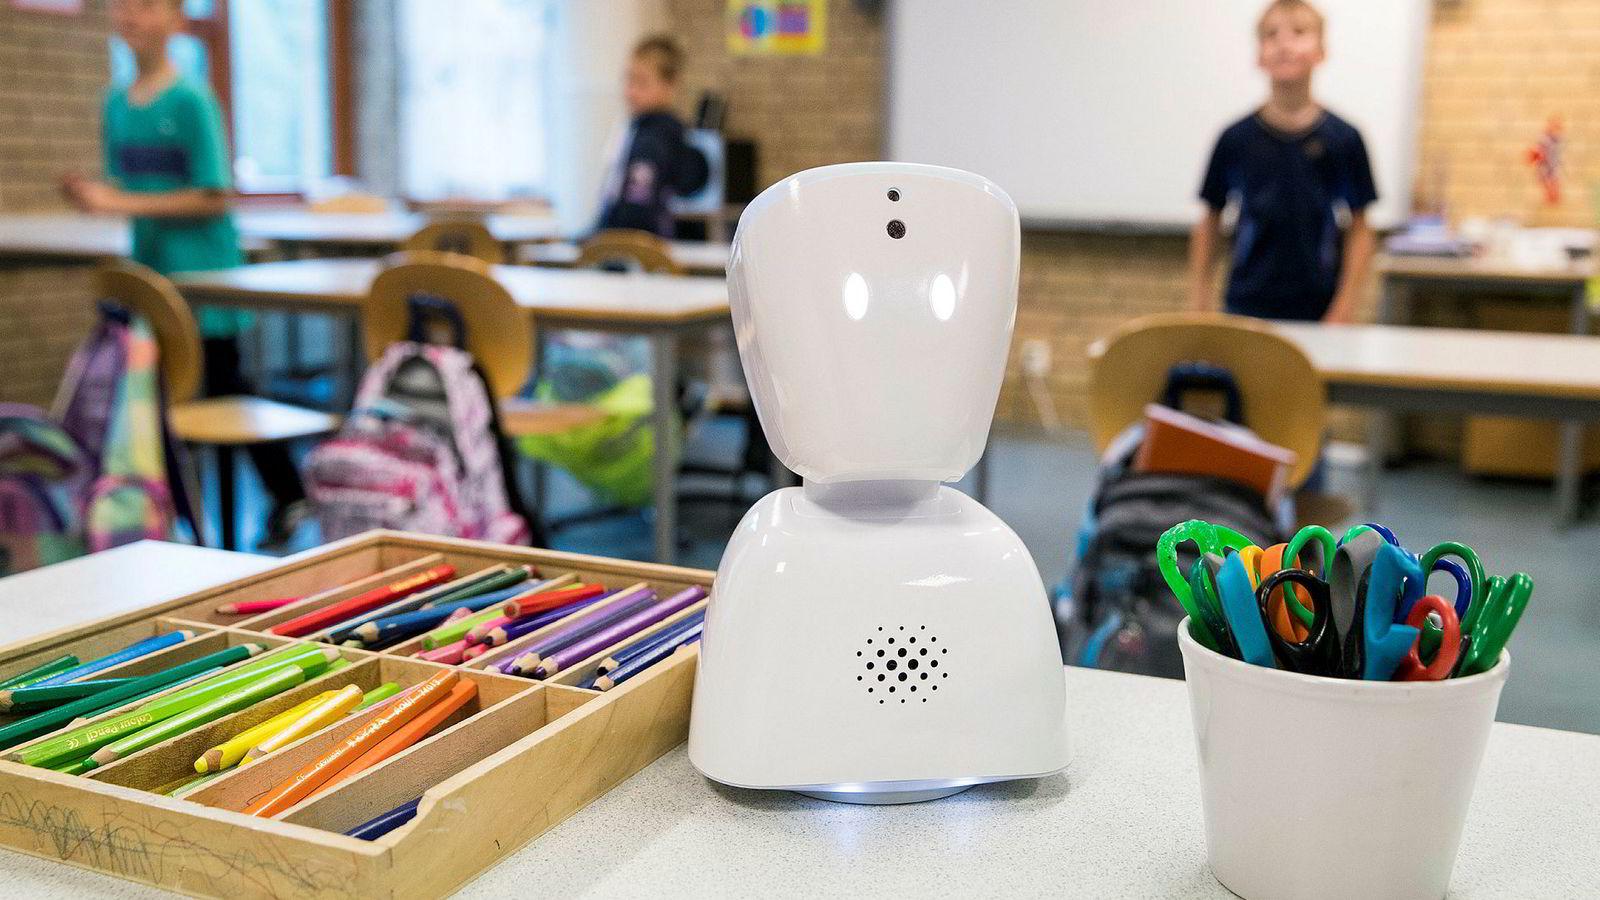 No Isolation er utrolig flinke til å involvere brukere med veldig tidlige versjoner av produktene sine, skriver innleggsforfatteren. Roboten AV1 er produsert av selskapet.